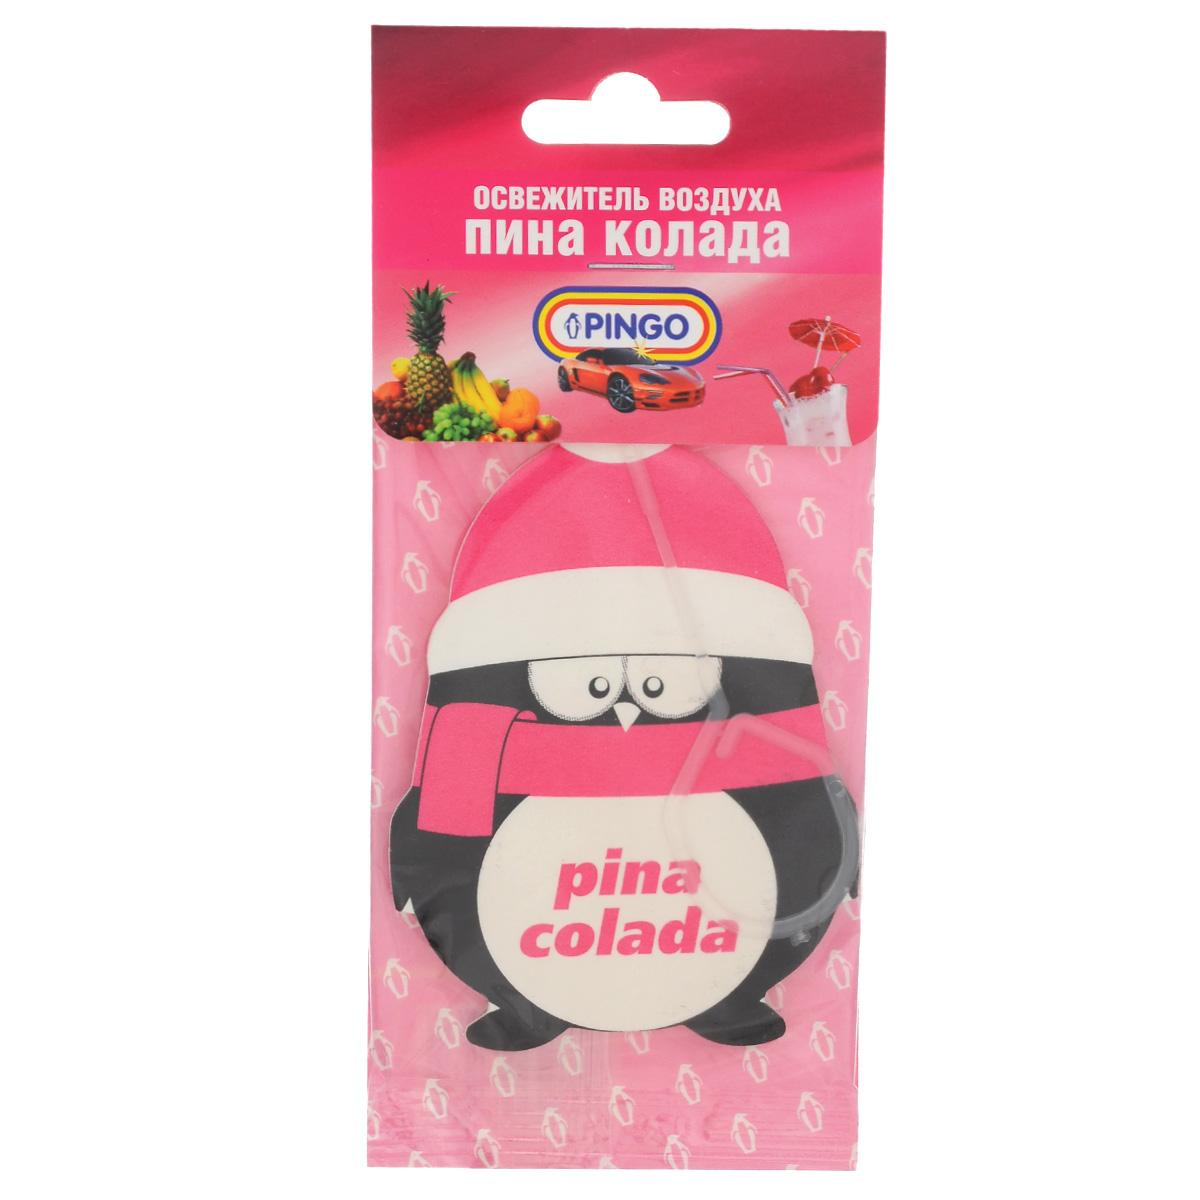 Освежитель воздуха Pingo Пина колада85032-4Освежитель Pingo Пина колада, изготовленный из картона и парфюмерной композиции высокой концентрации, наполняет воздух приятным насыщенным ароматом ванили. Композиция из стойких натуральных ароматов эффективно освежает воздух в салоне автомобиля и нейтрализует неприятные запахи. Подвесьте освежитель за пластиковое кольцо в салоне автомобиля и получайте удовольствие!